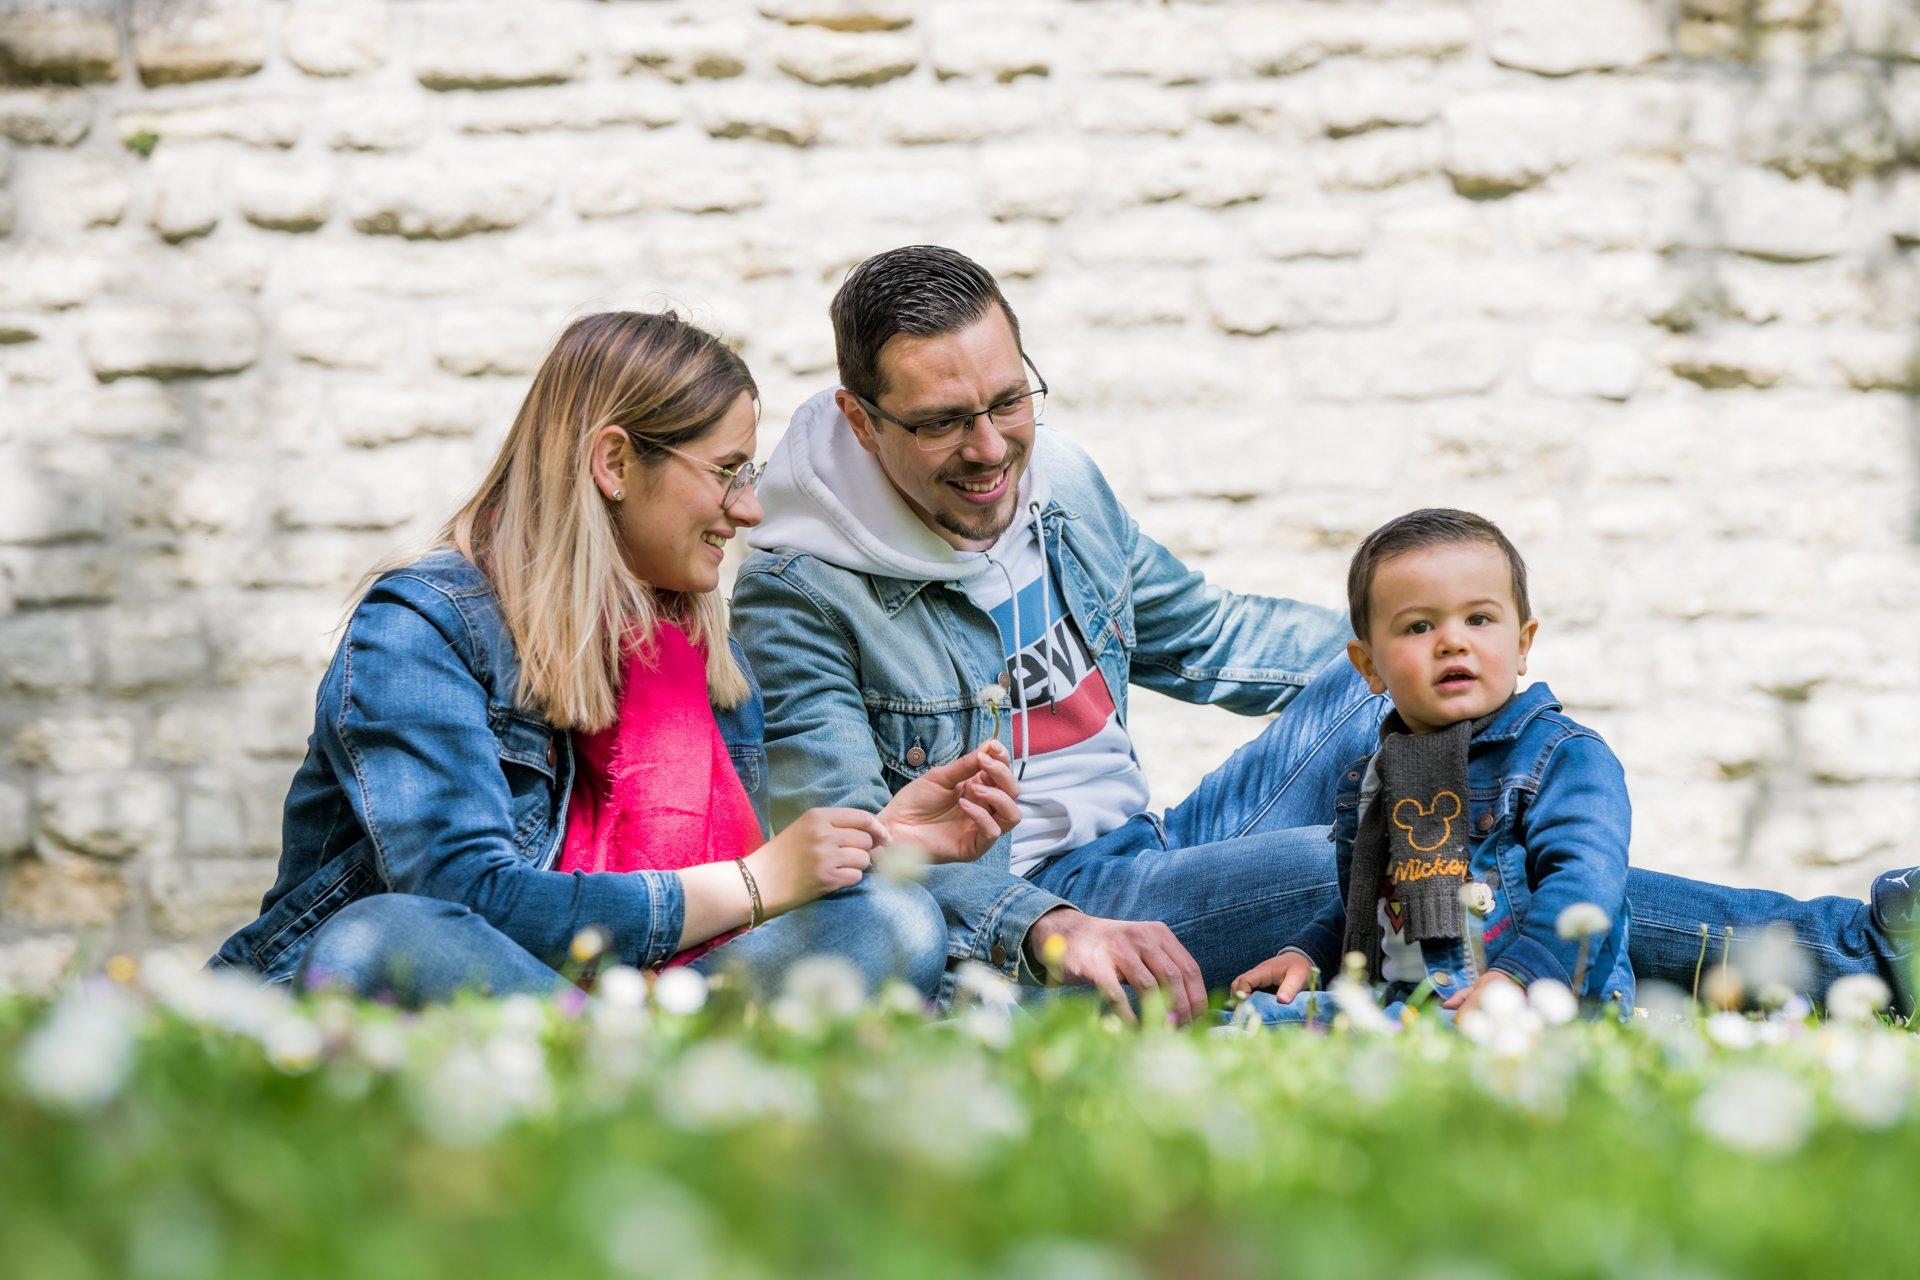 seance photo famille pour article de blog